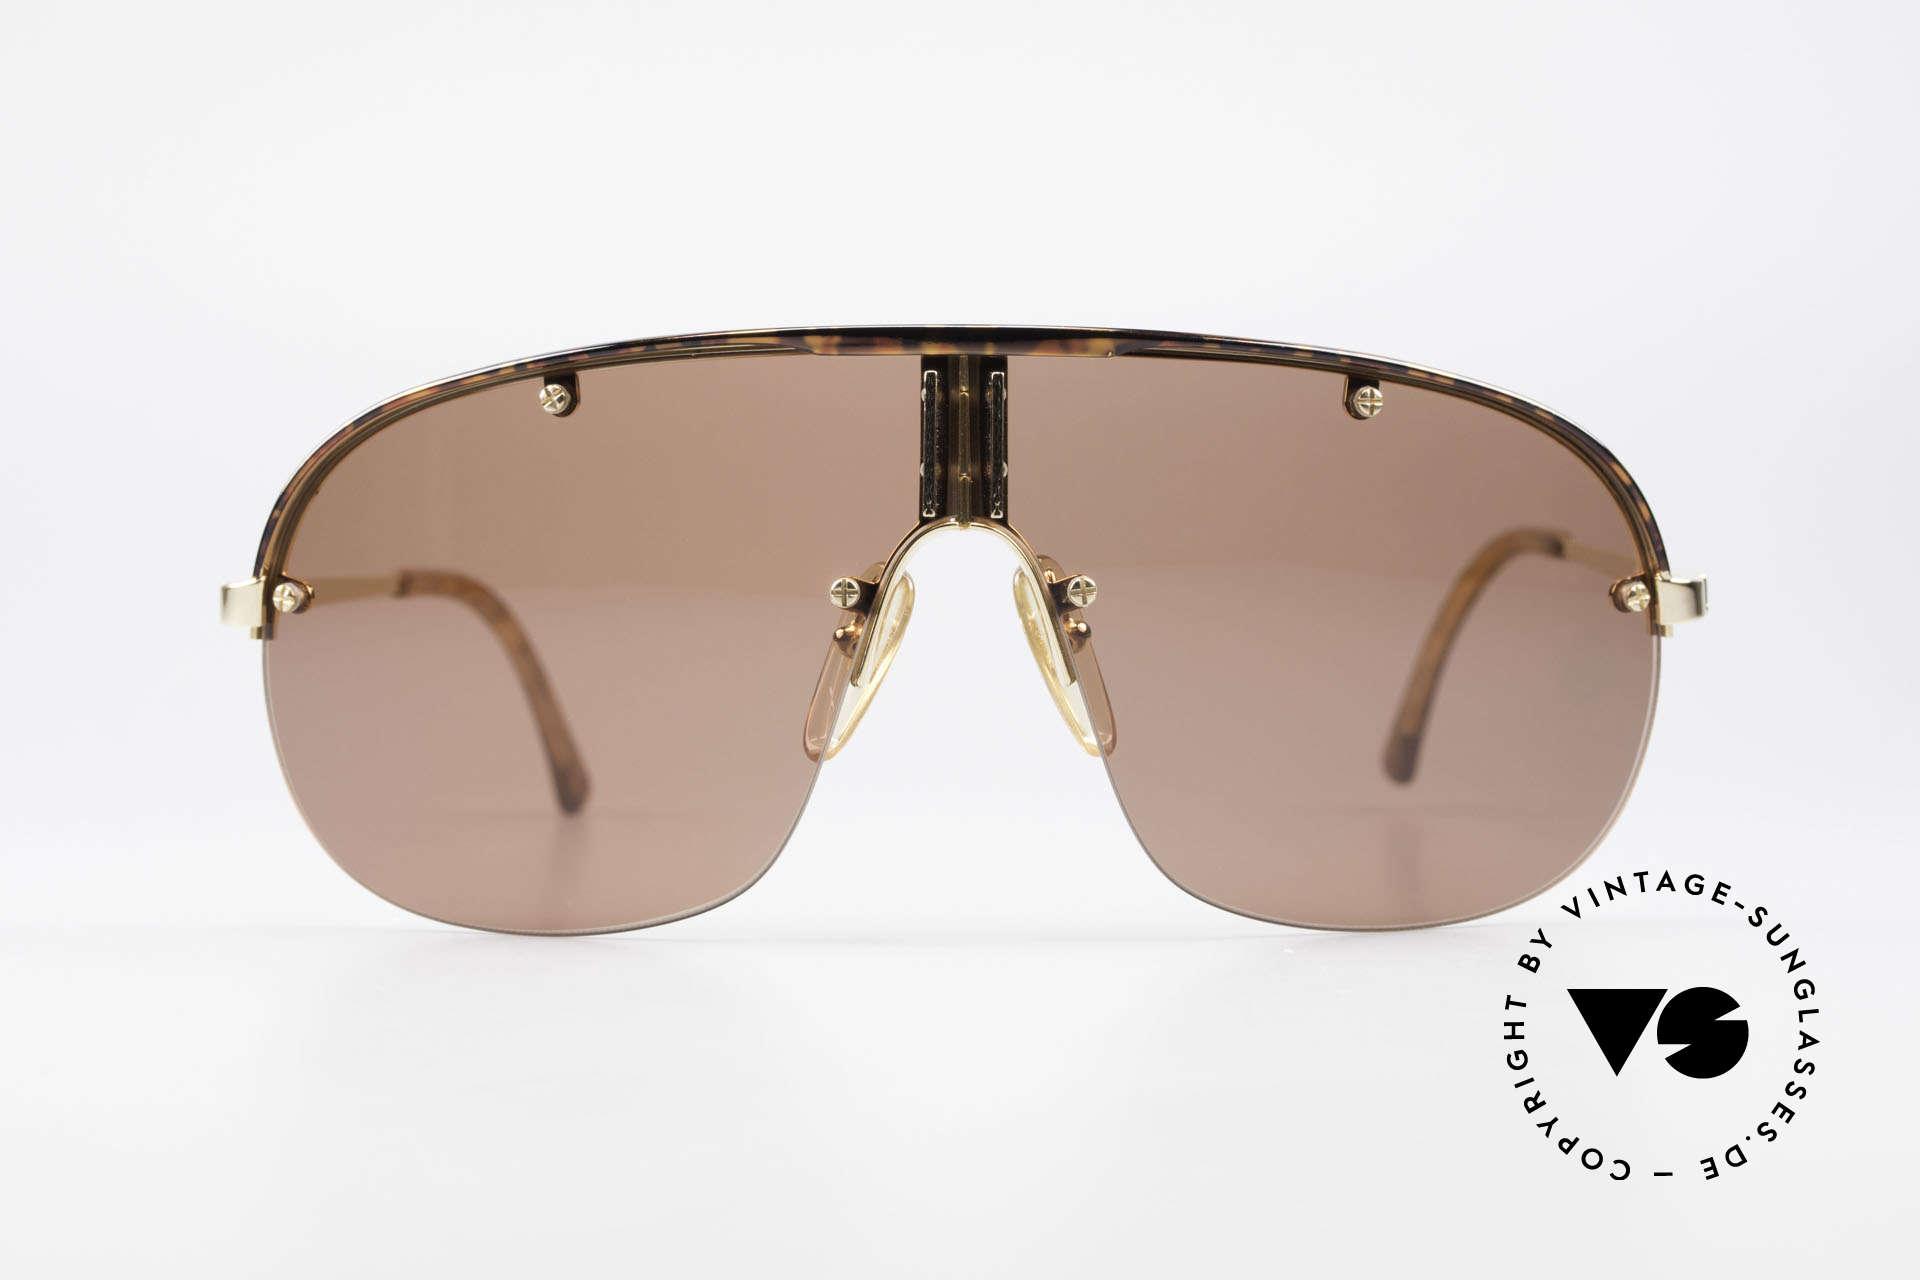 Dunhill 6102 Rare 90er Herren Sonnenbrille, das meistgesuchte vintage Dunhill Modell von 1990, Passend für Herren